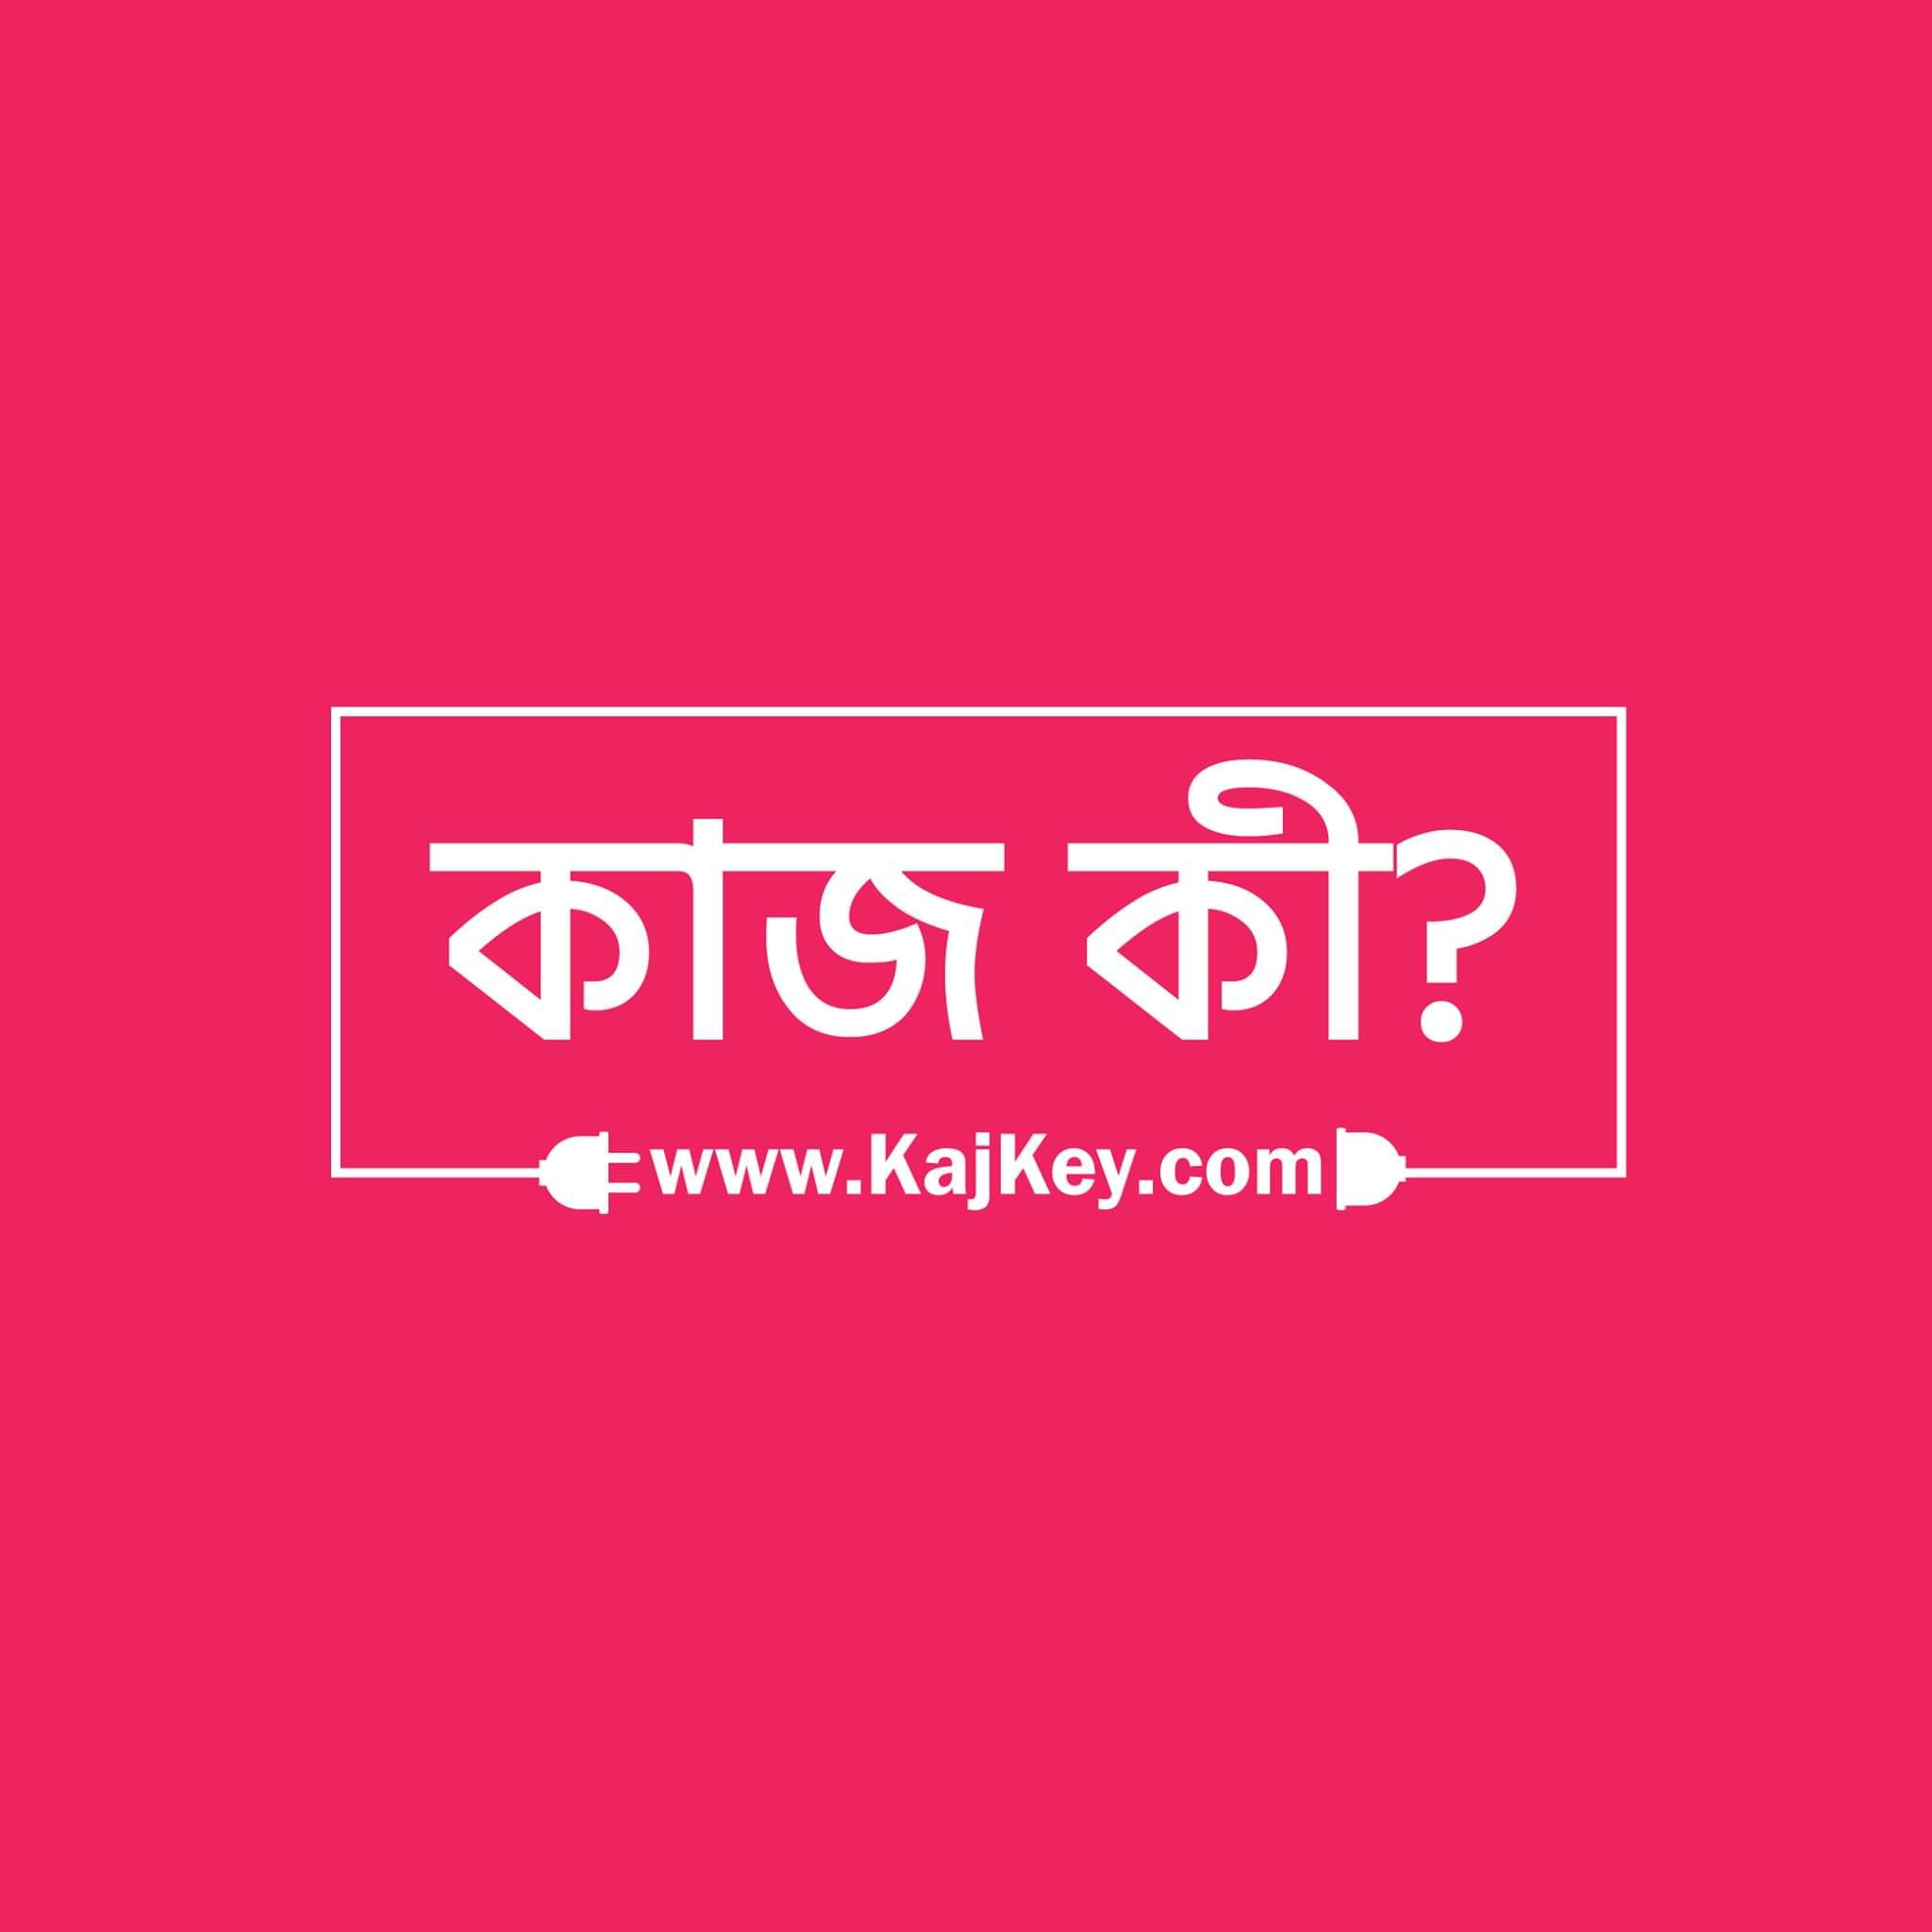 ফ্রিল্যান্সারদের নতুন ঠিকানা -KajKey.com: First Bengali freelancing marketplace